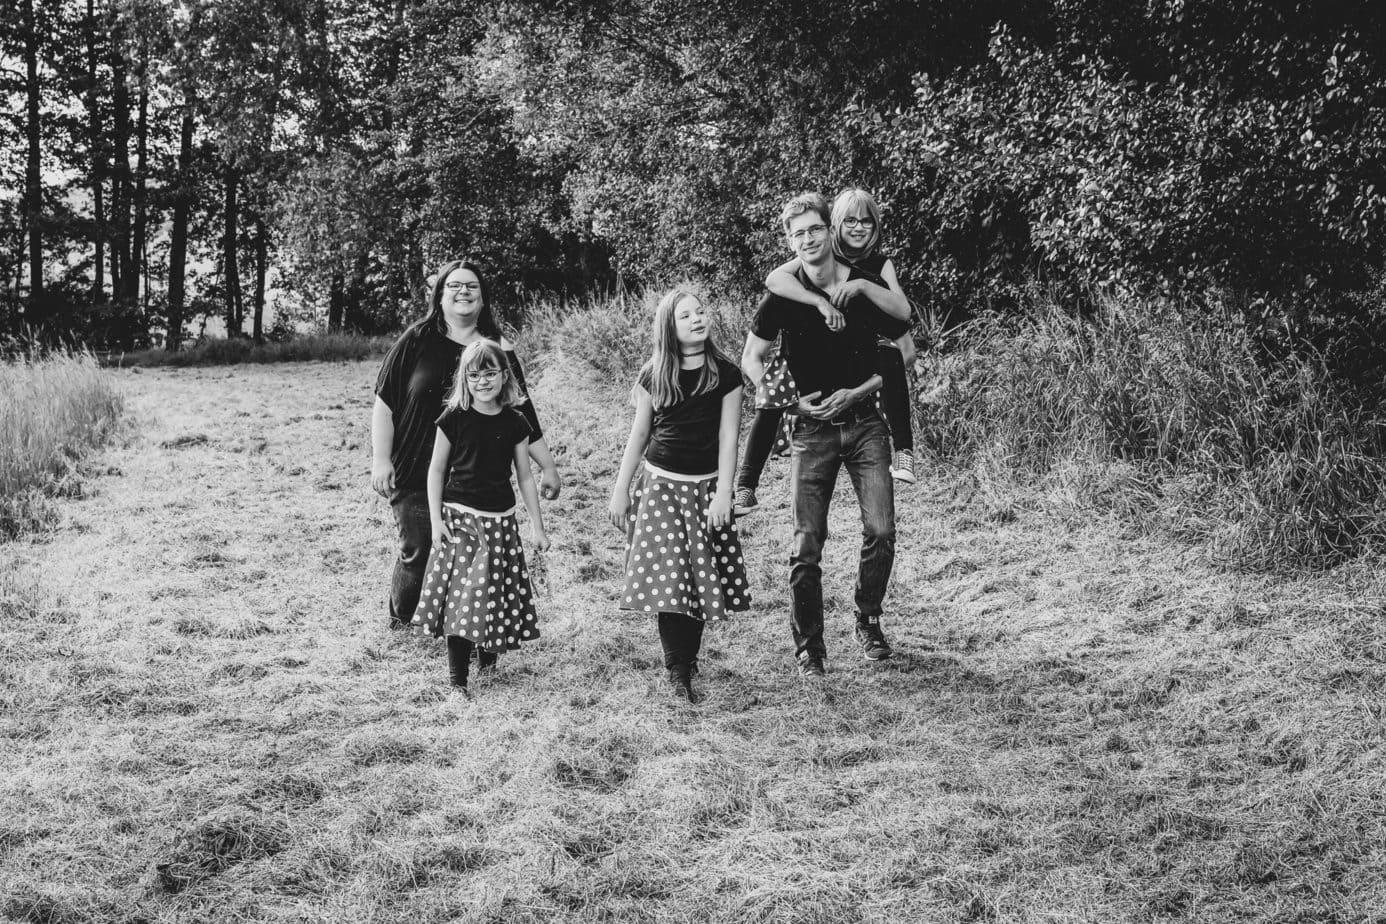 Familienfotografie im Corona-Frühling